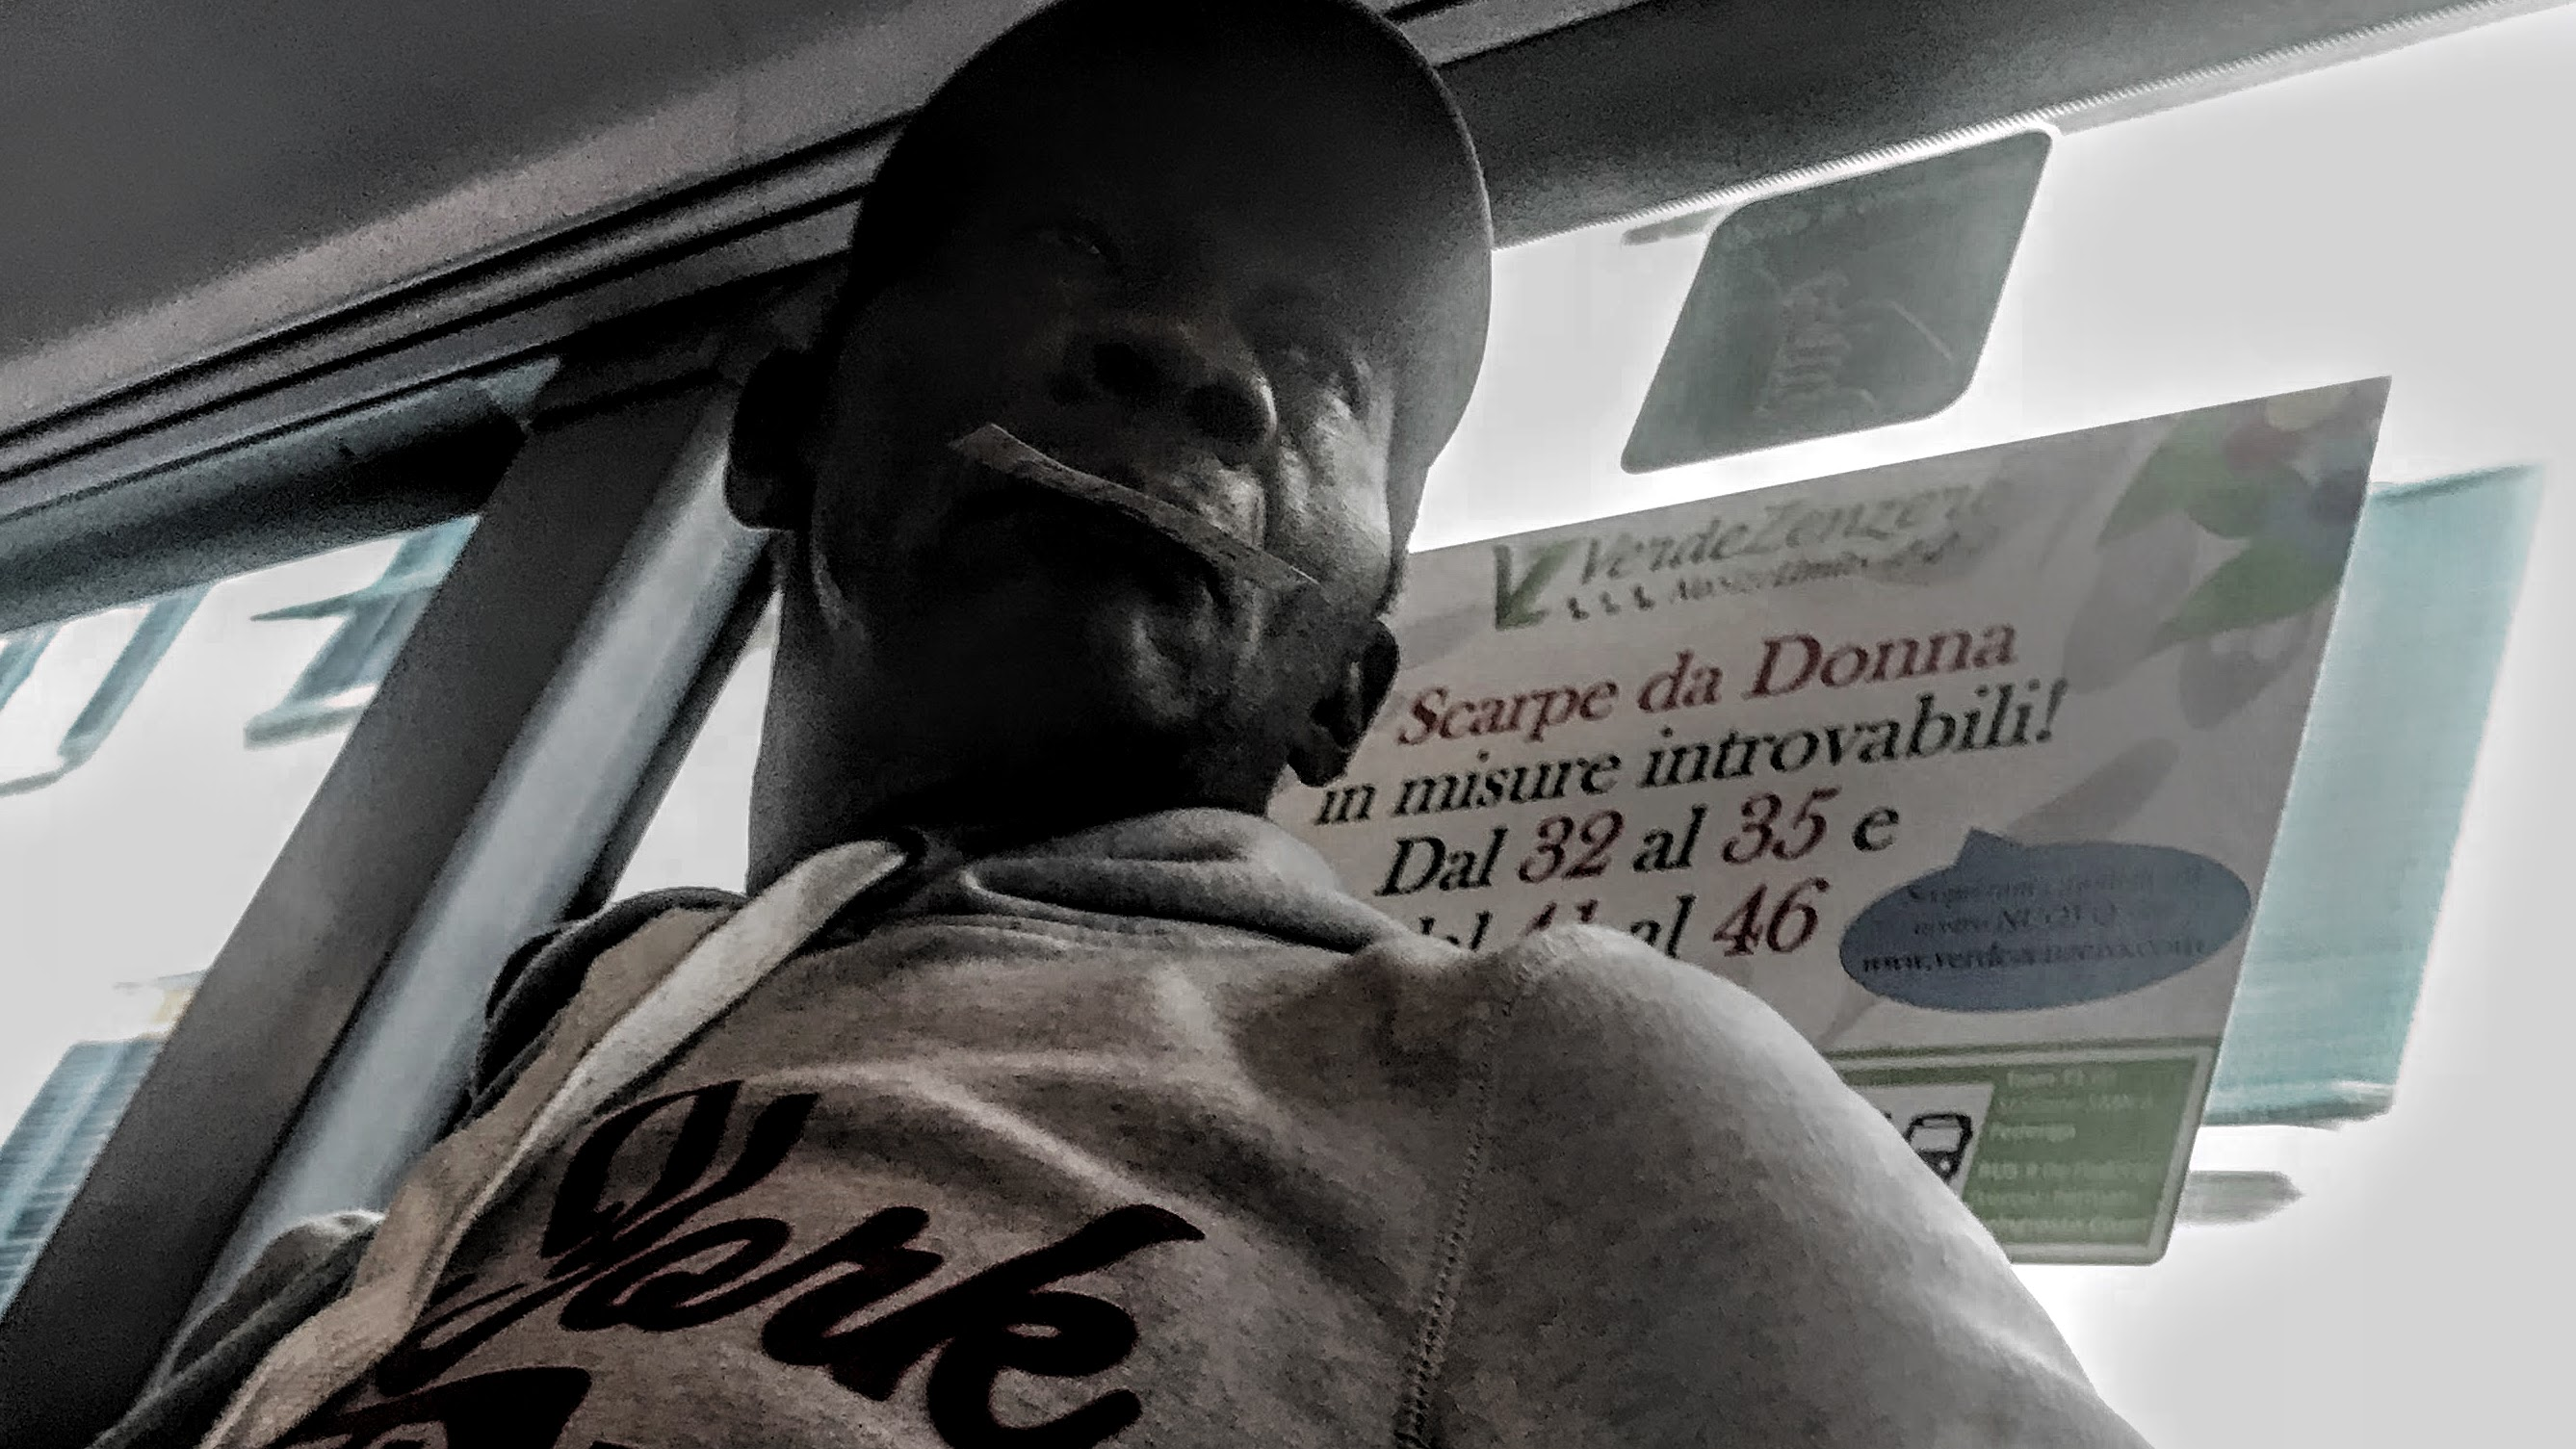 Uomo diversamente colorato che usa l'autobus